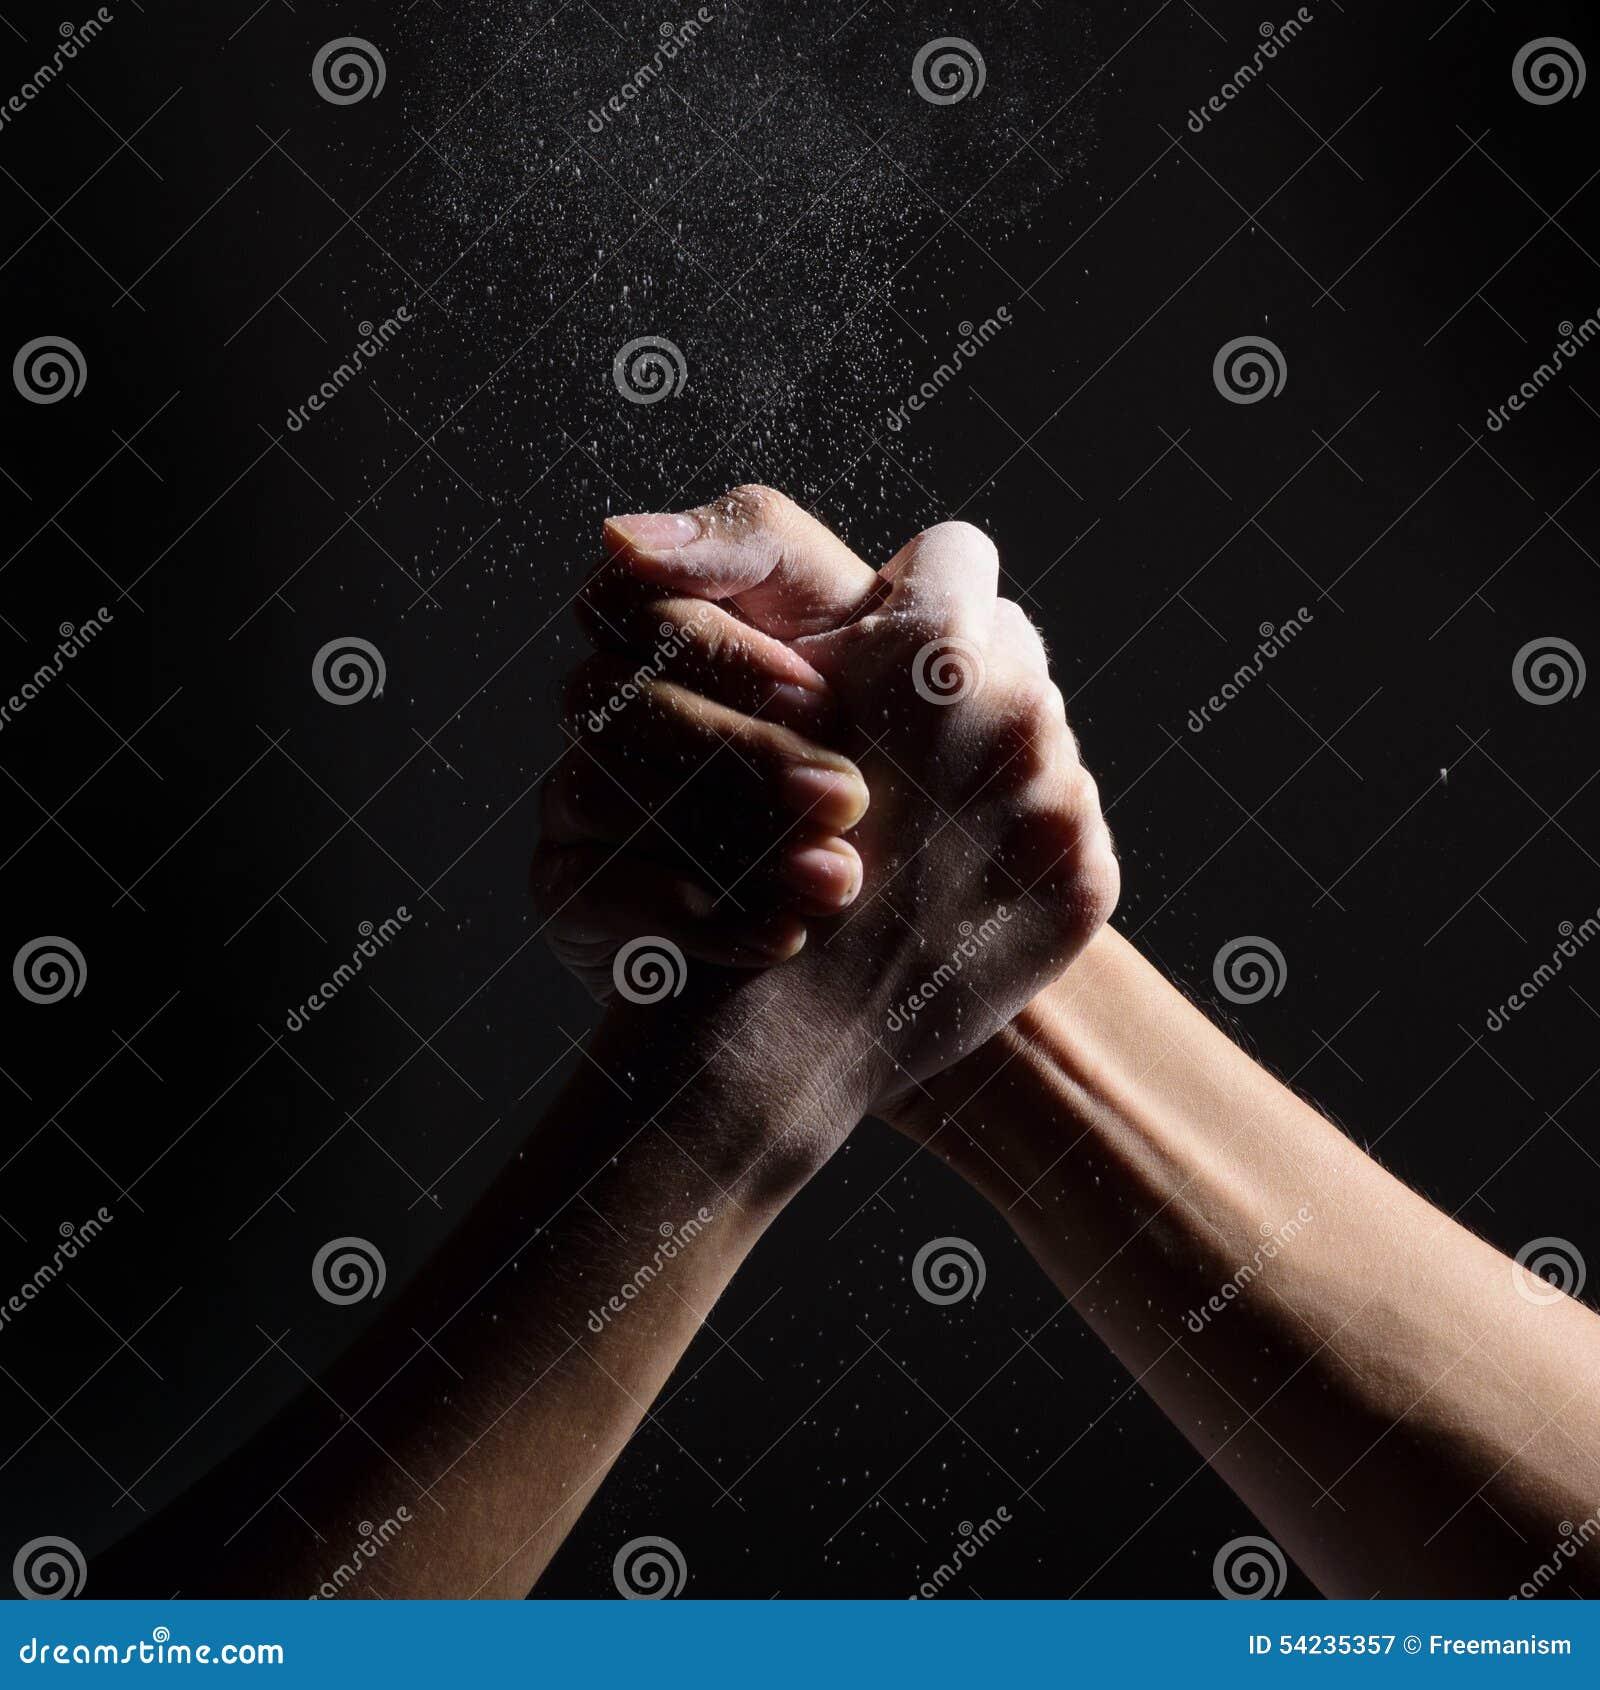 Arm-Wringen von Zwei-mann